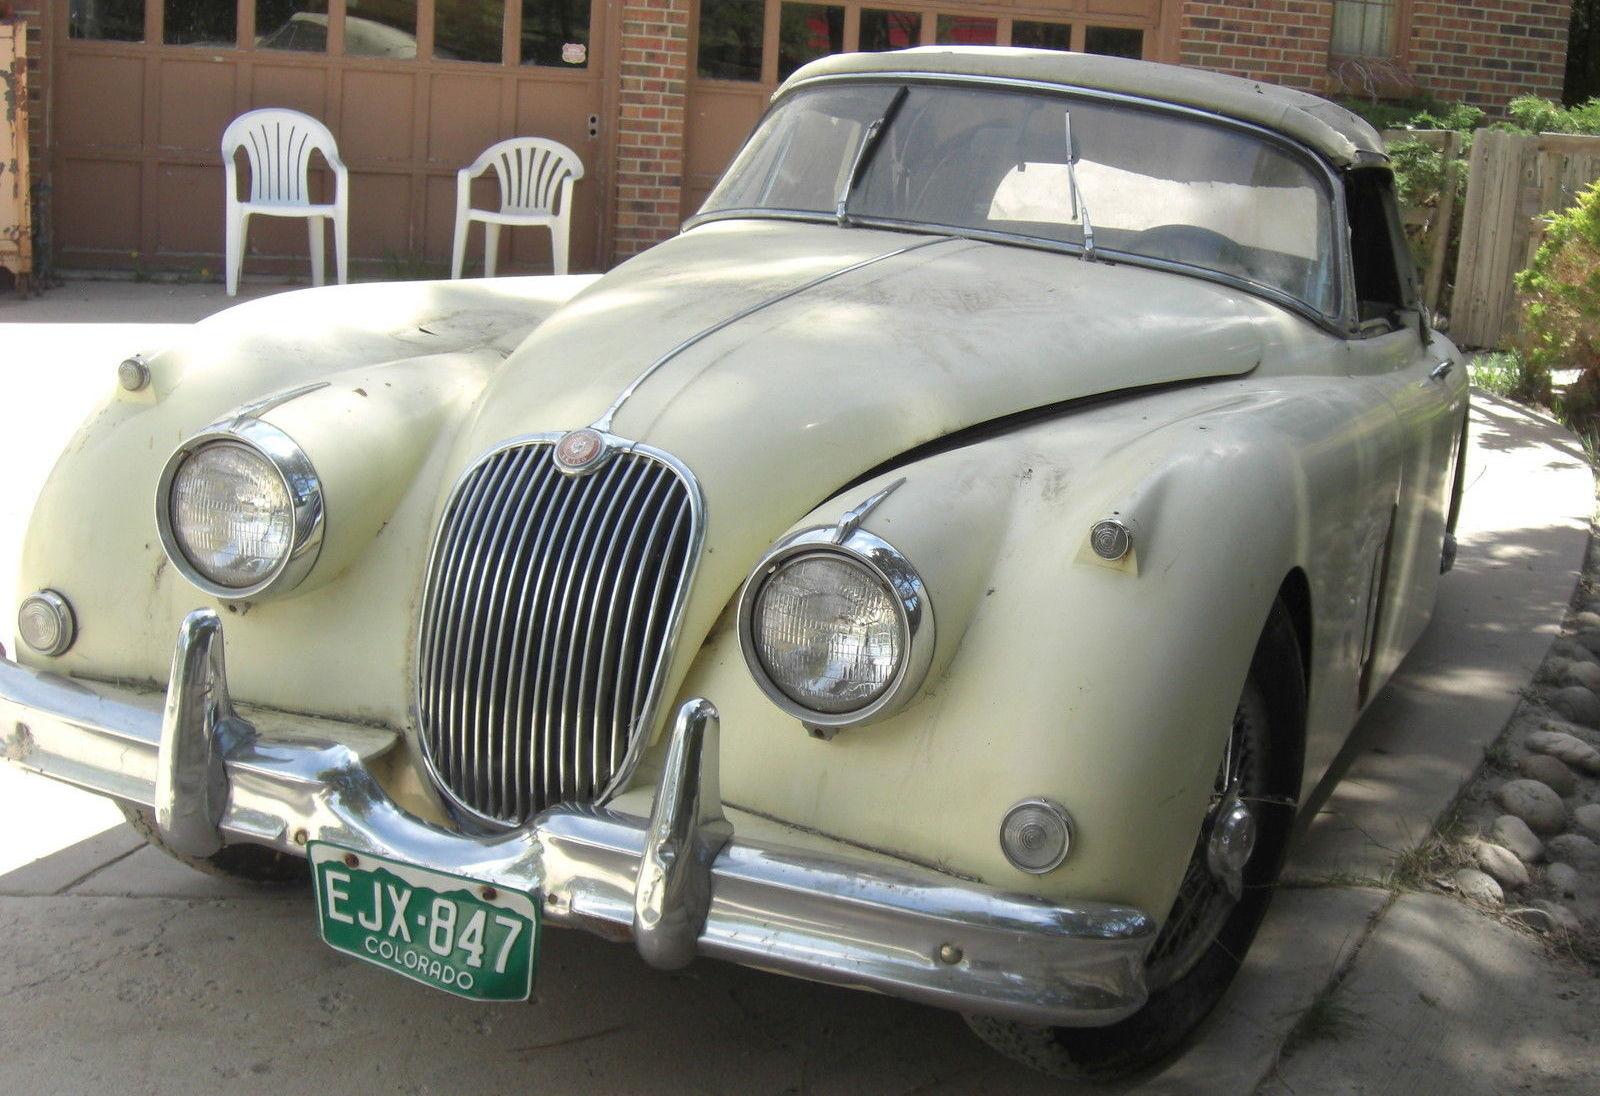 1958 jaguar xk150 hot rod. Black Bedroom Furniture Sets. Home Design Ideas